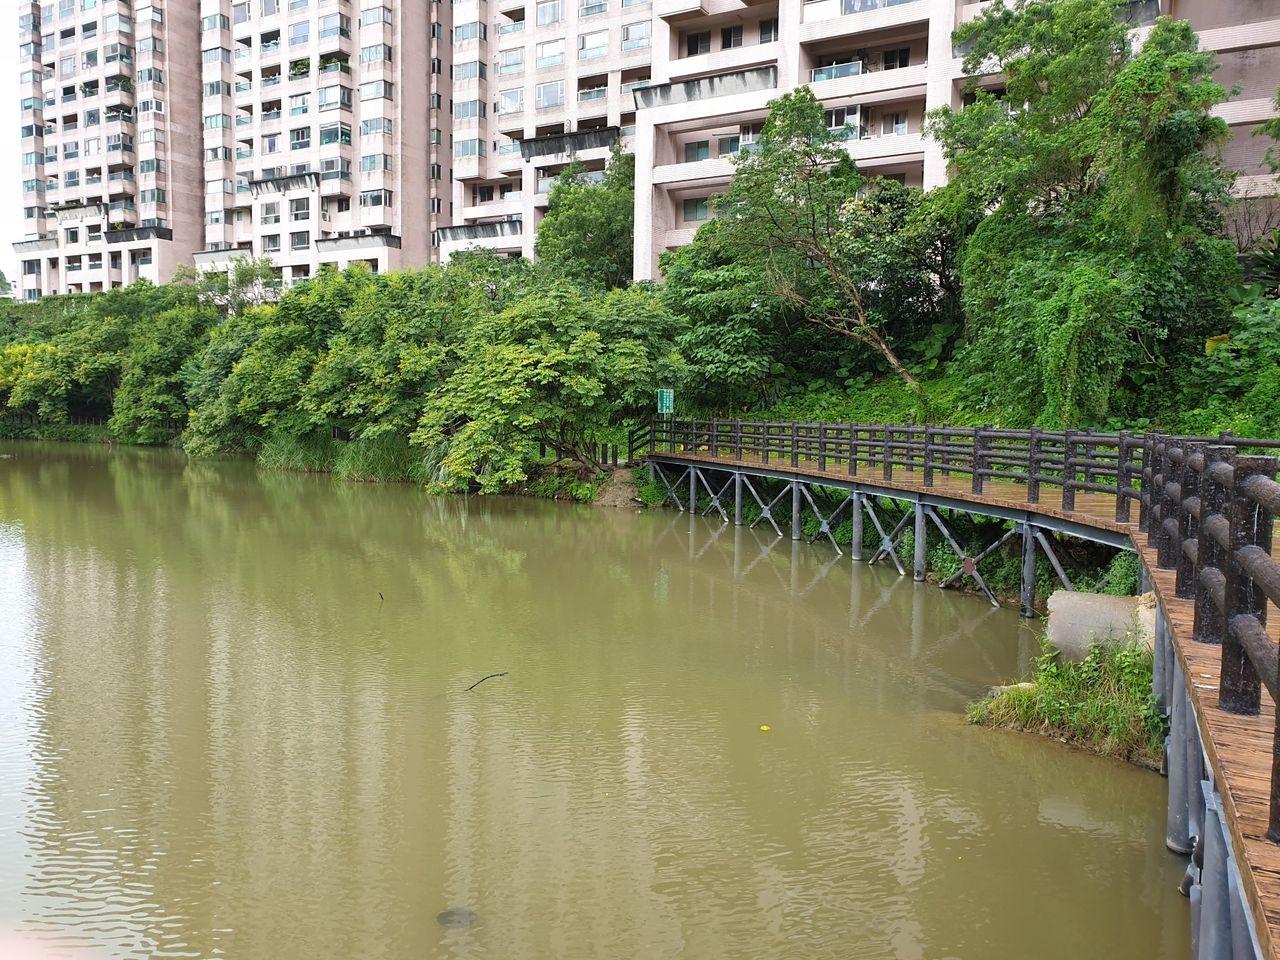 汐止水蓮山莊因汙水管線破損導致廢棄汙水流入金龍湖,造成環境惡臭、湖水遭到汙染。記者胡瑞玲/攝影